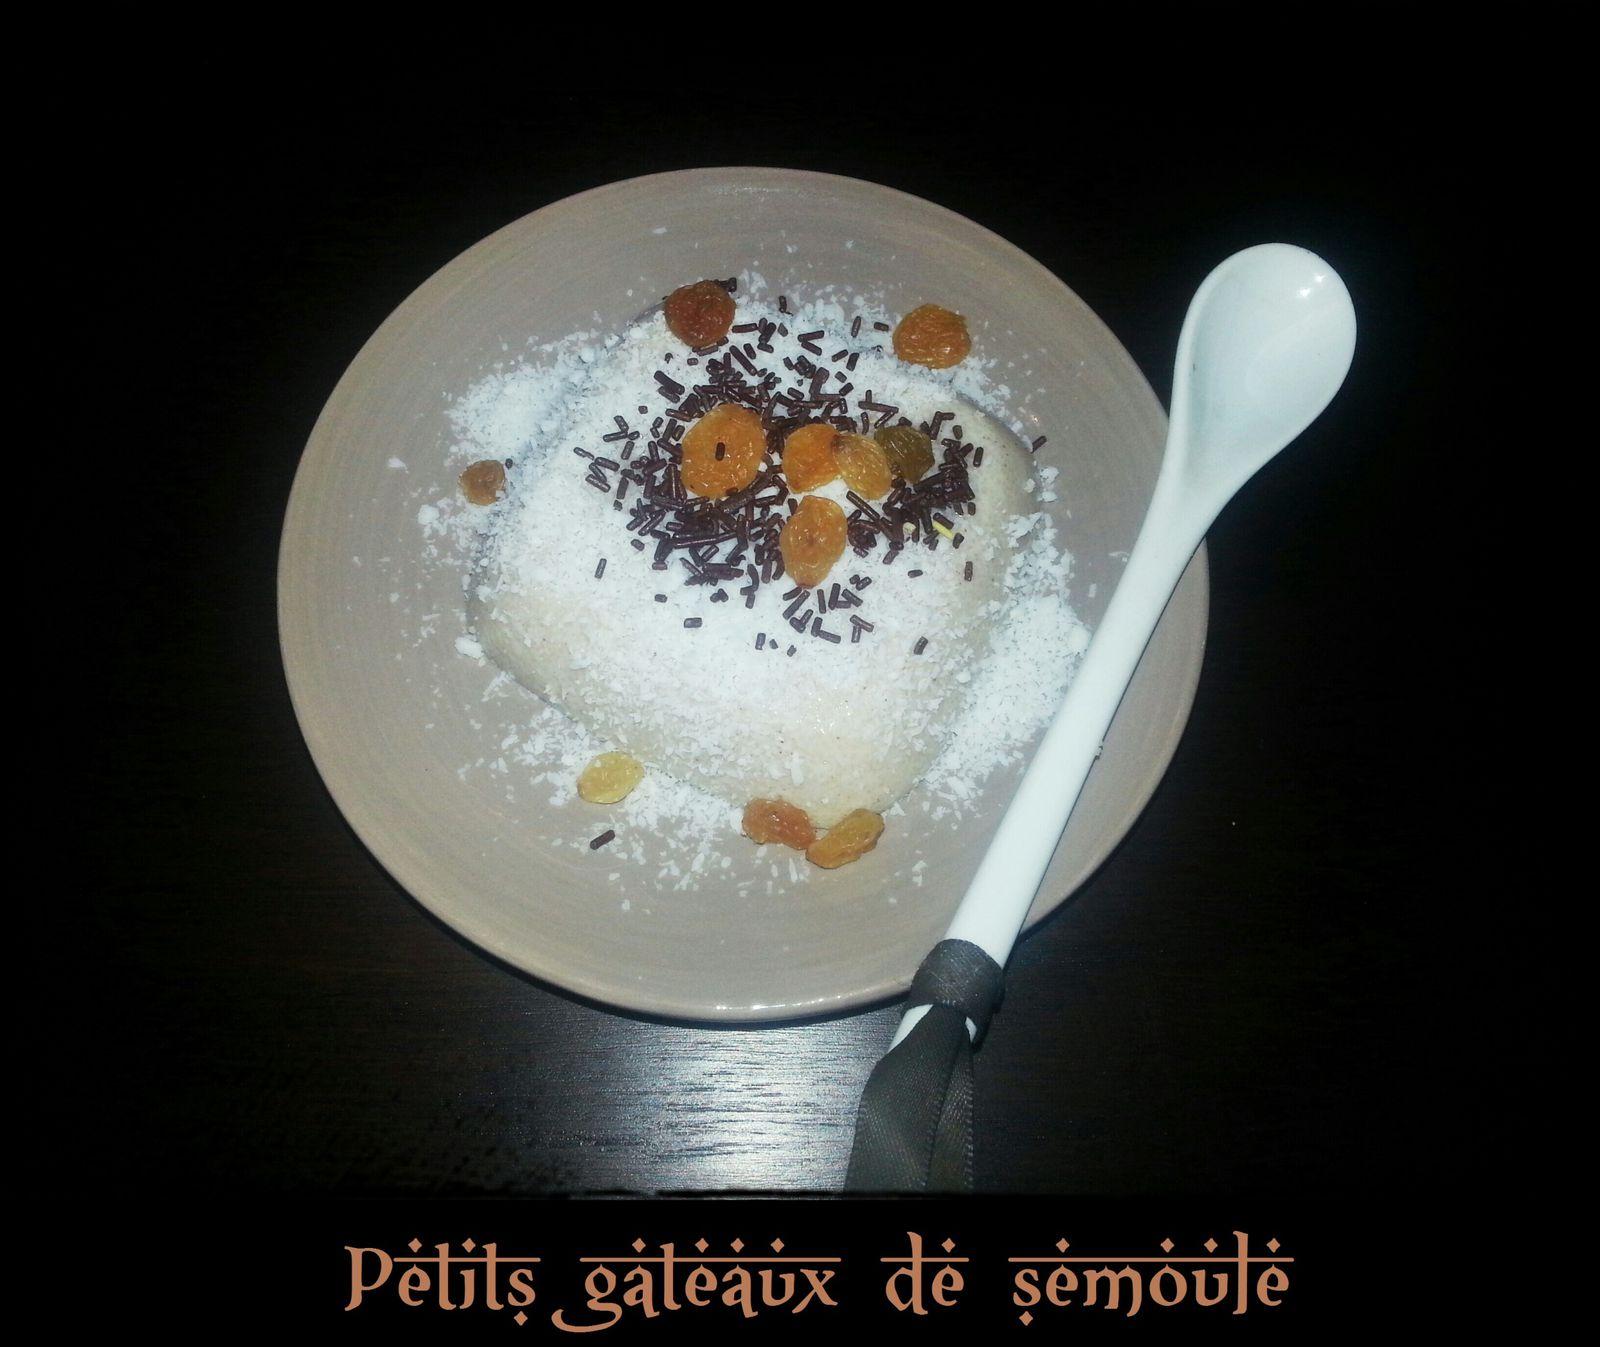 Petits puddings à la semoule